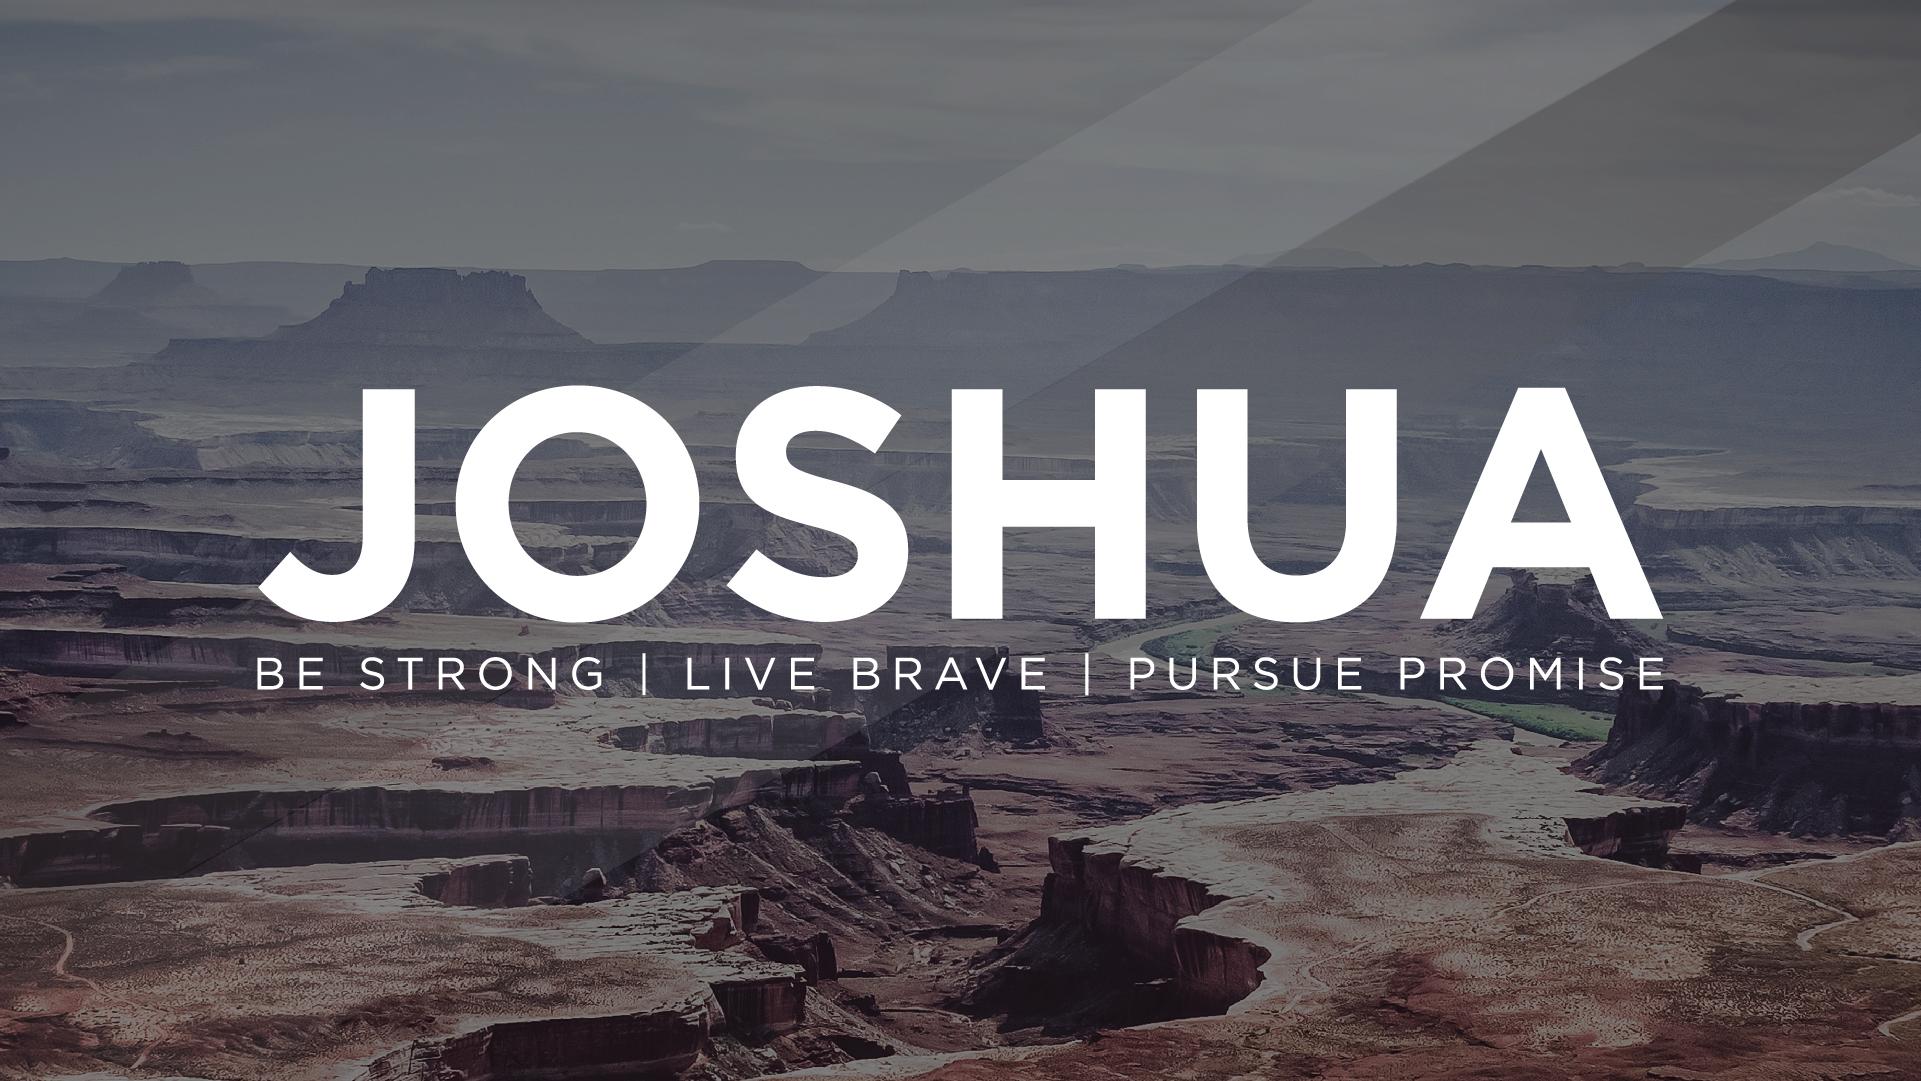 Joshua-V.2.2-01.jpg